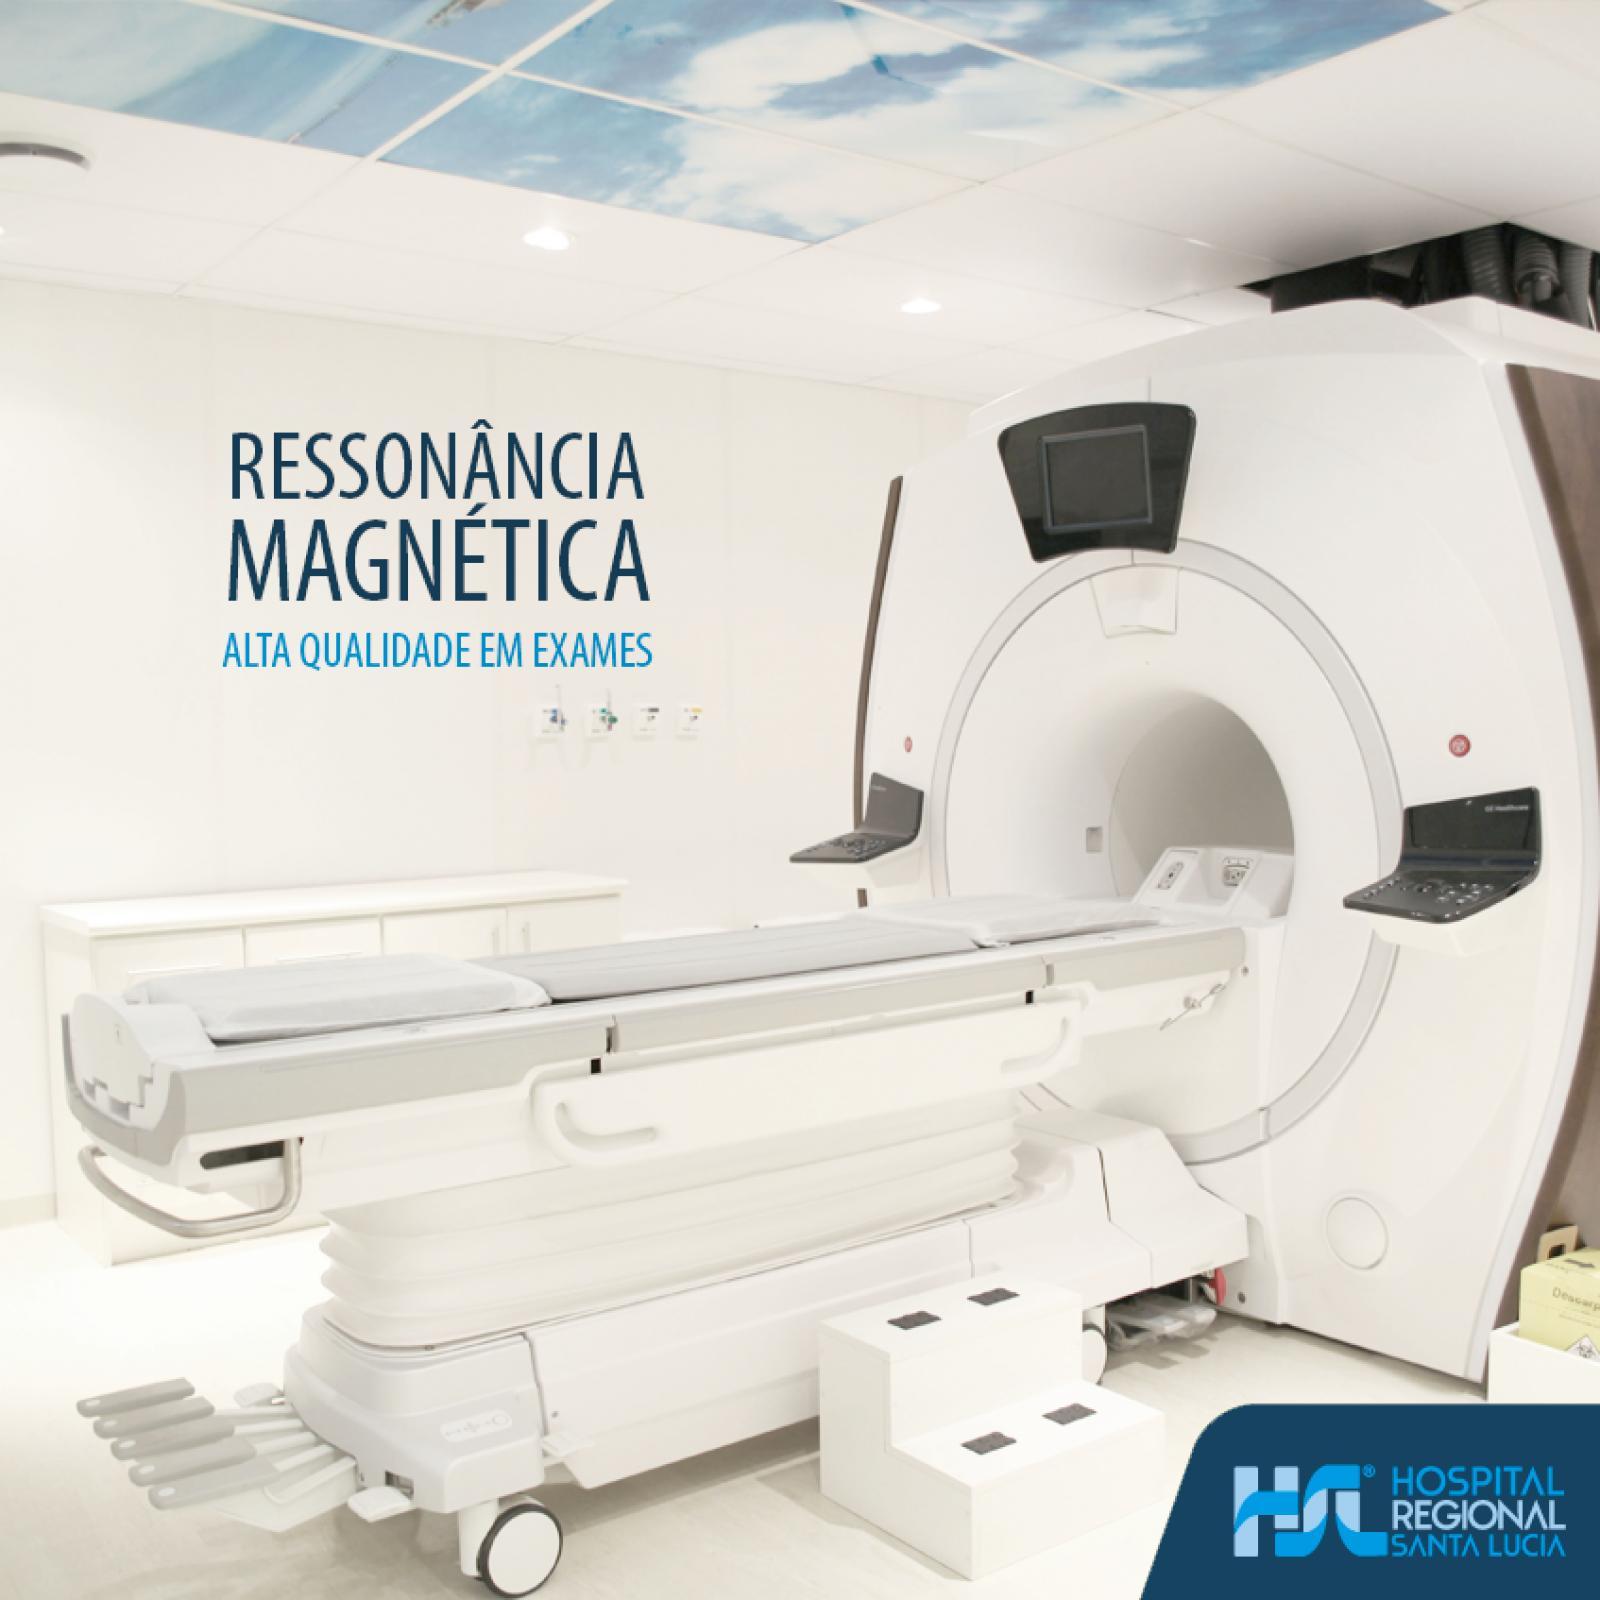 Ressonância Magnética - Alta qualidade em exames